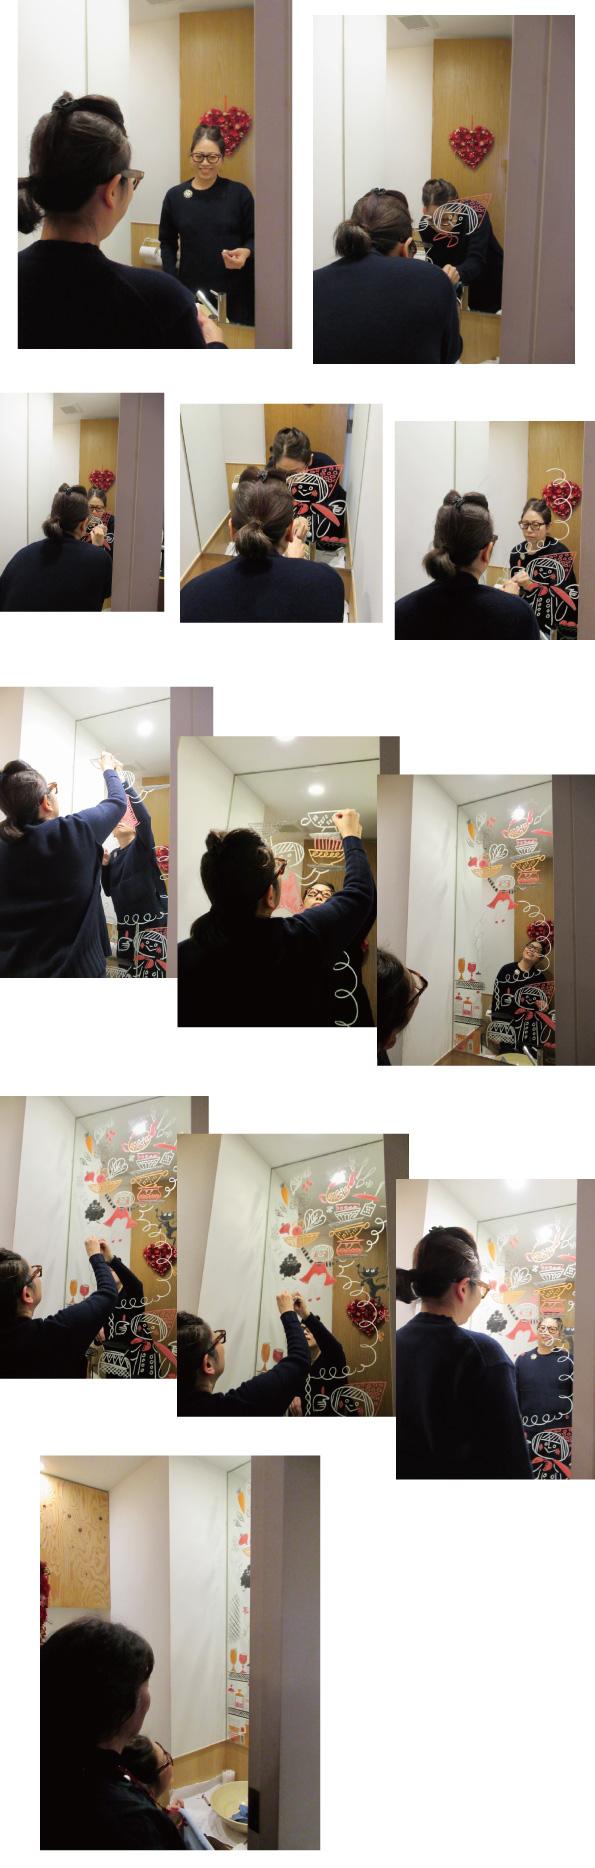 めぐたまキットパスミラーギャラリーVol.27 青山京子さんの「めぐたまキッチン」(2020年2月3日-)